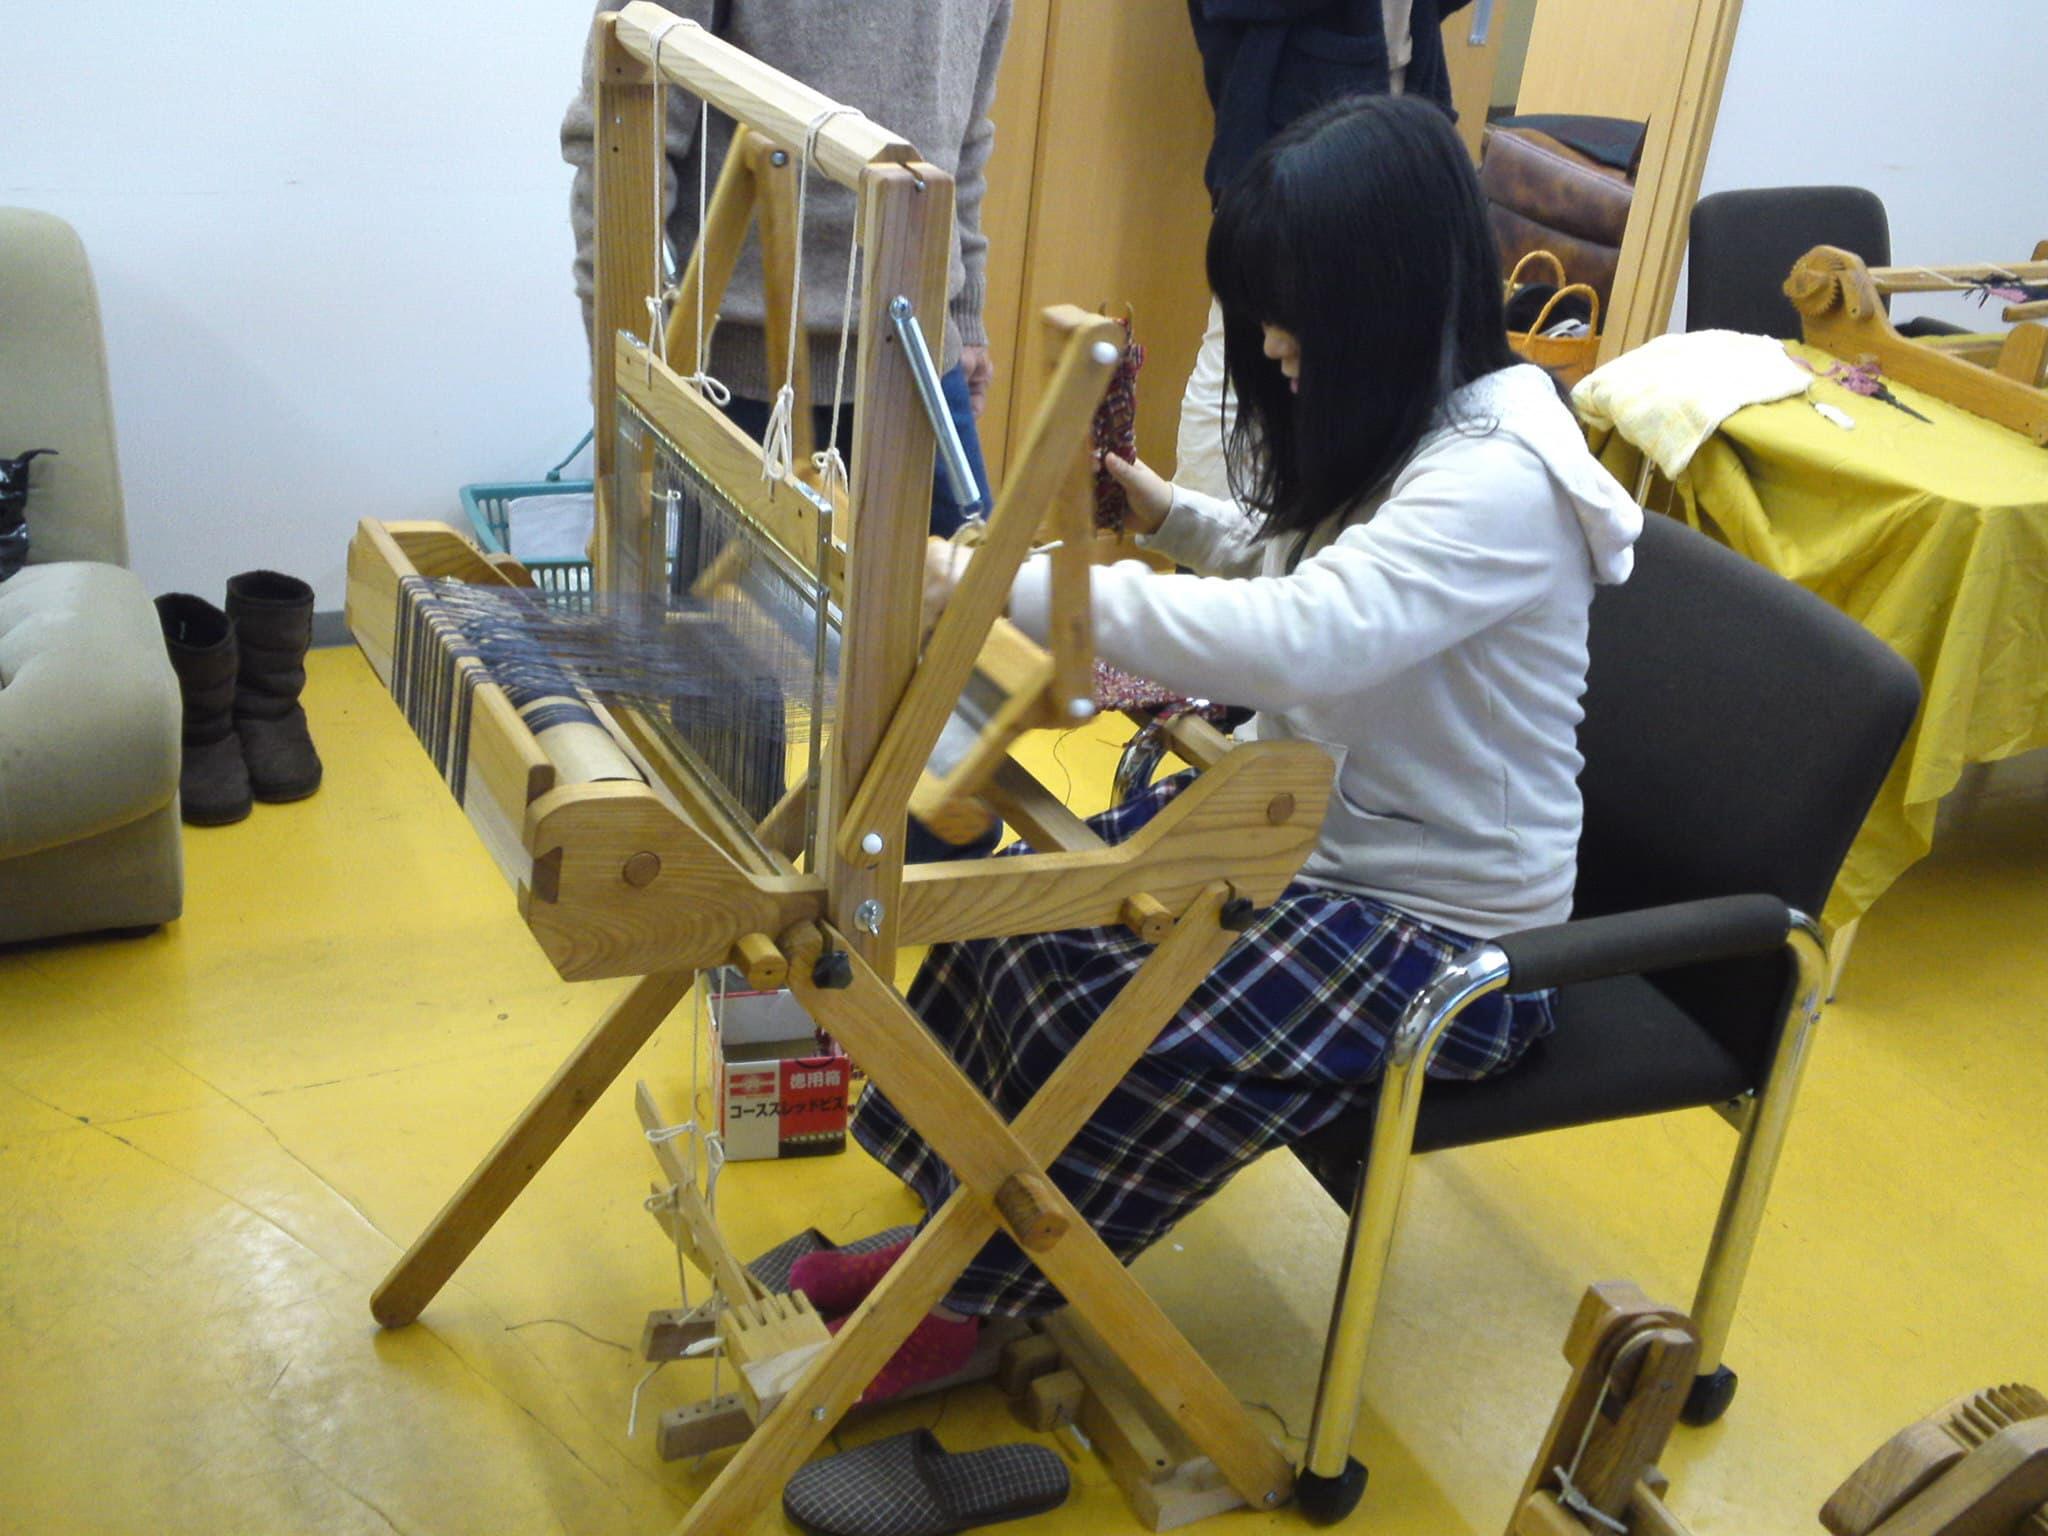 十日町 手しごと屋 素材道具作品展示販売+手織り教室